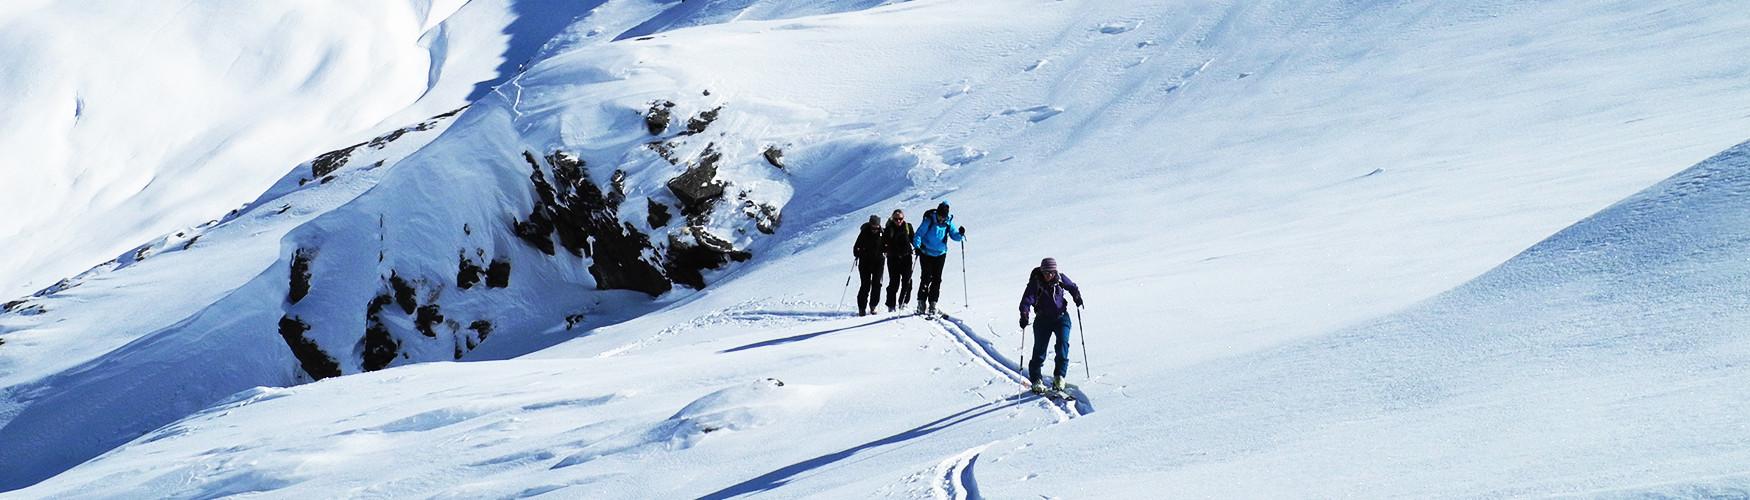 Skitouren Ammerer Hof, Österreich